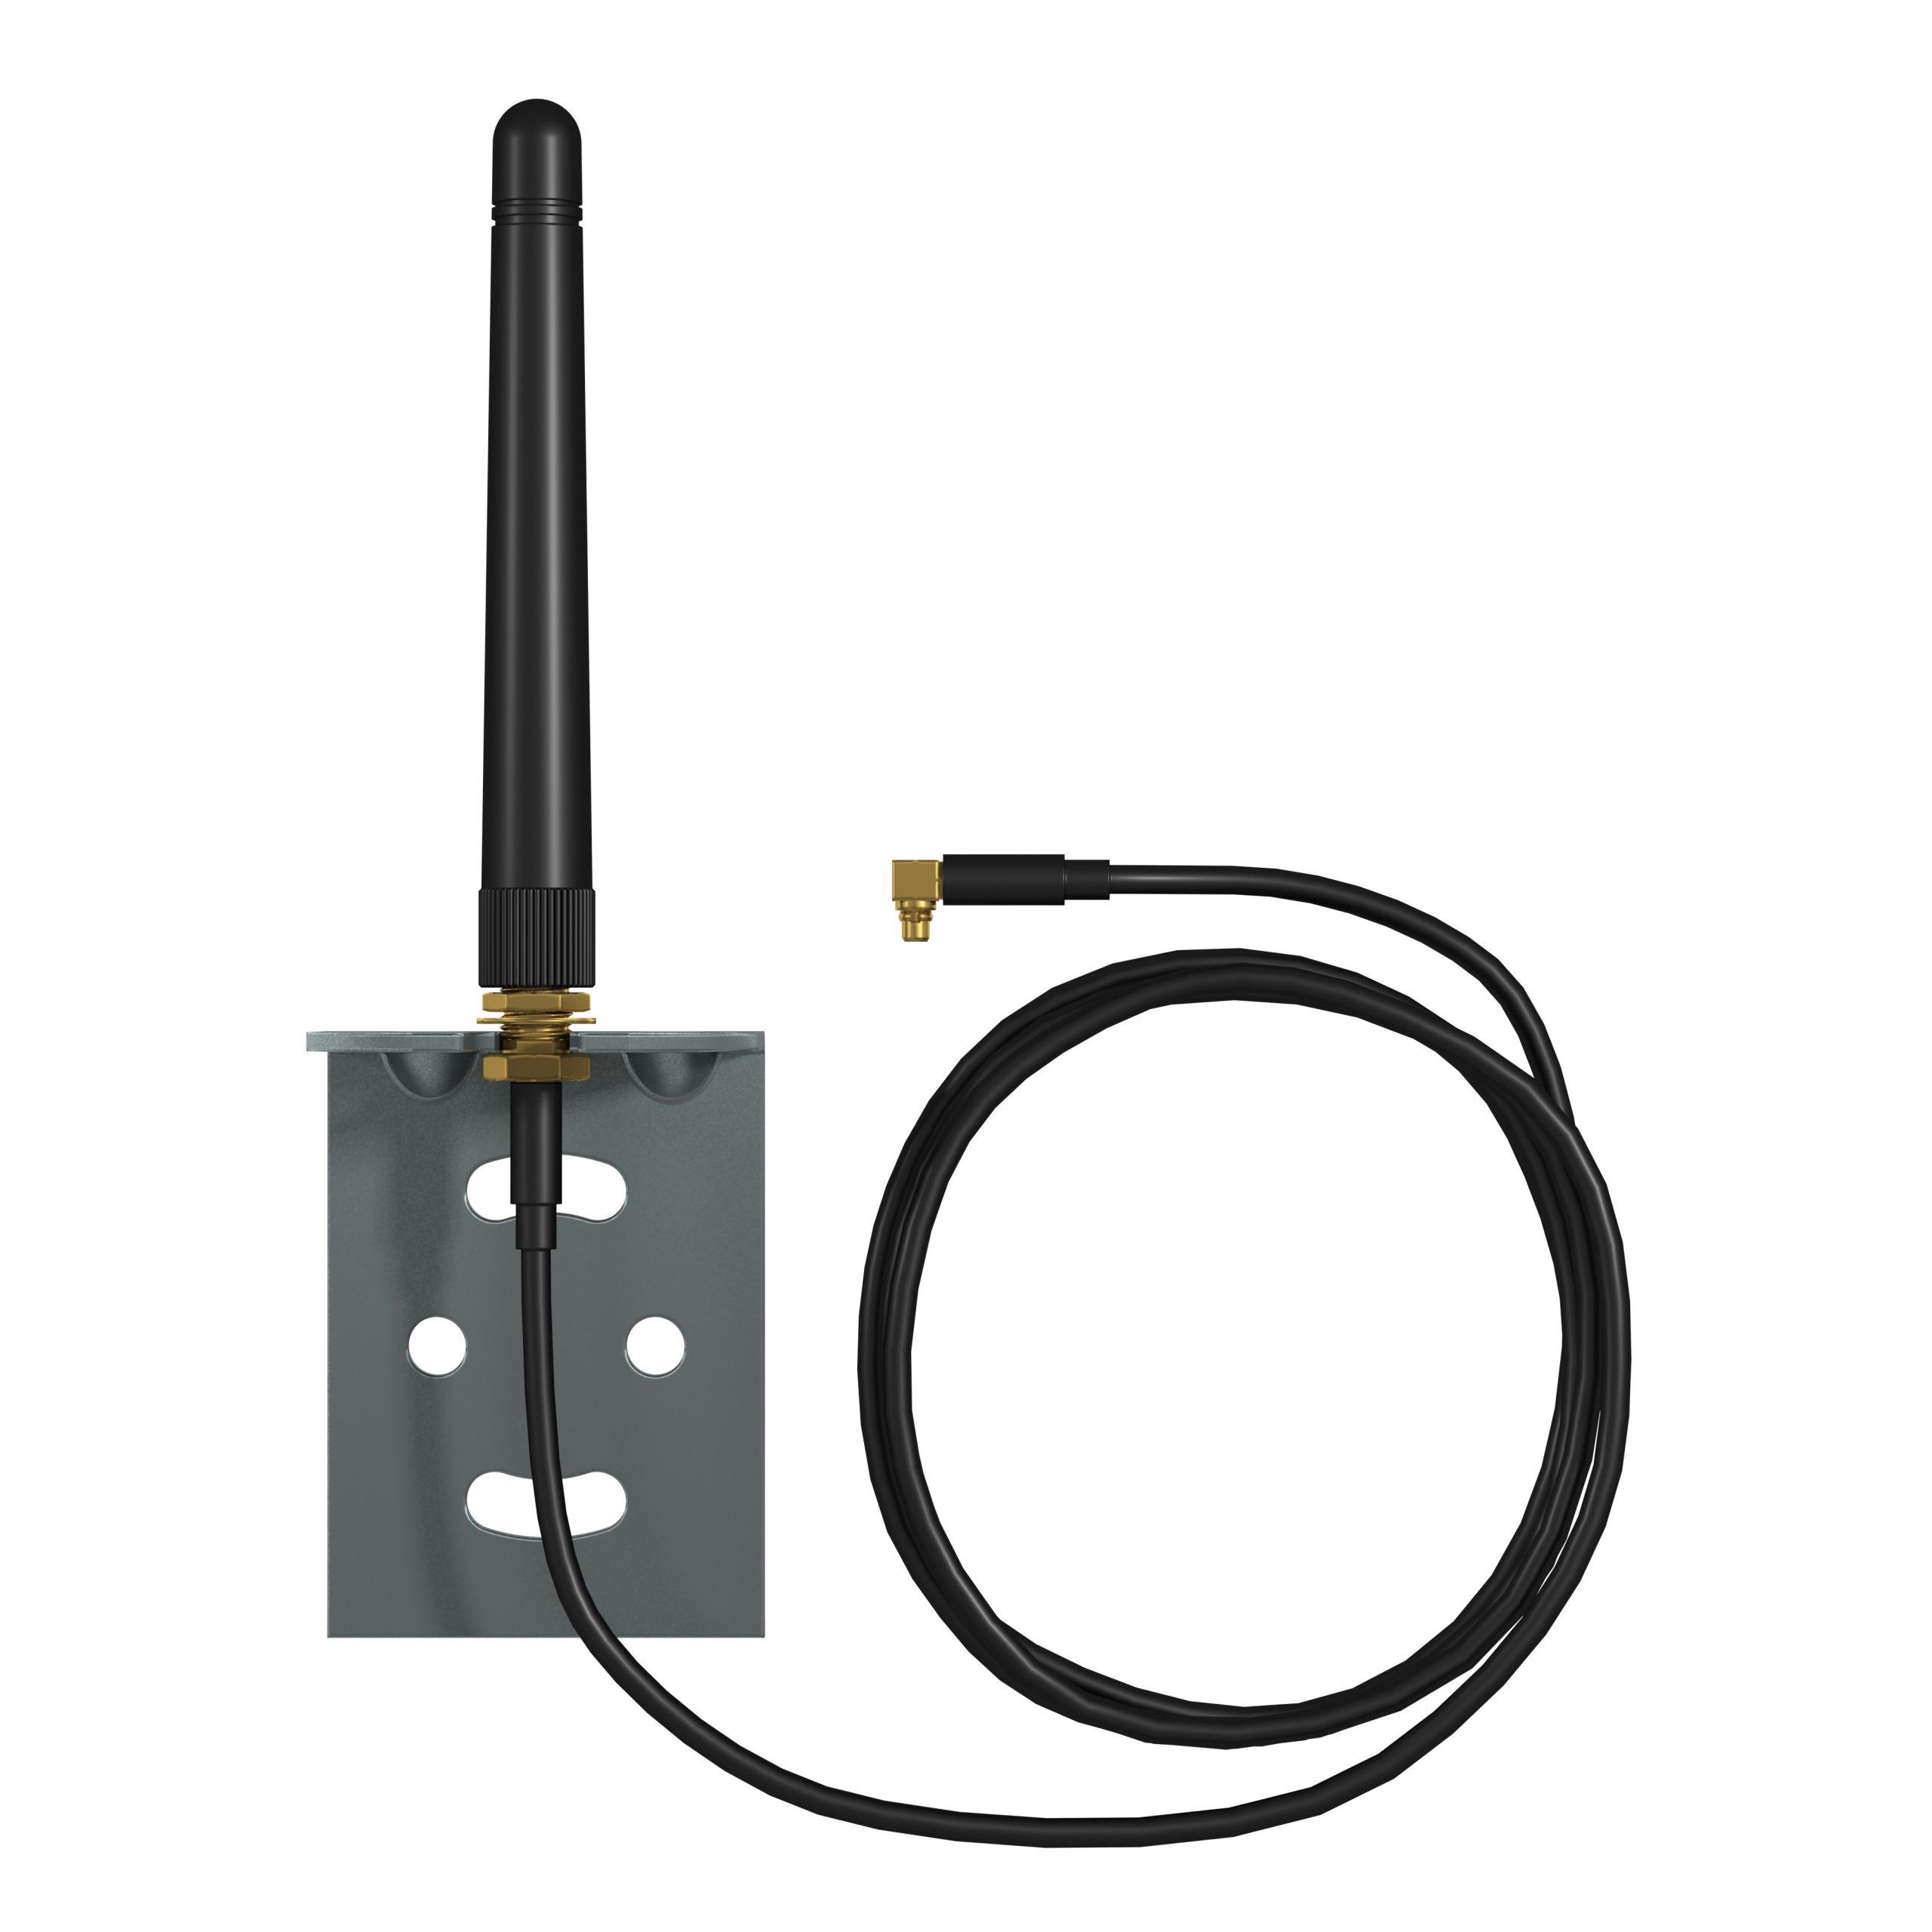 پسوند آنتن برای GPRS14 و PCS250 / PCS250G مدلANTKIT پارادوکس